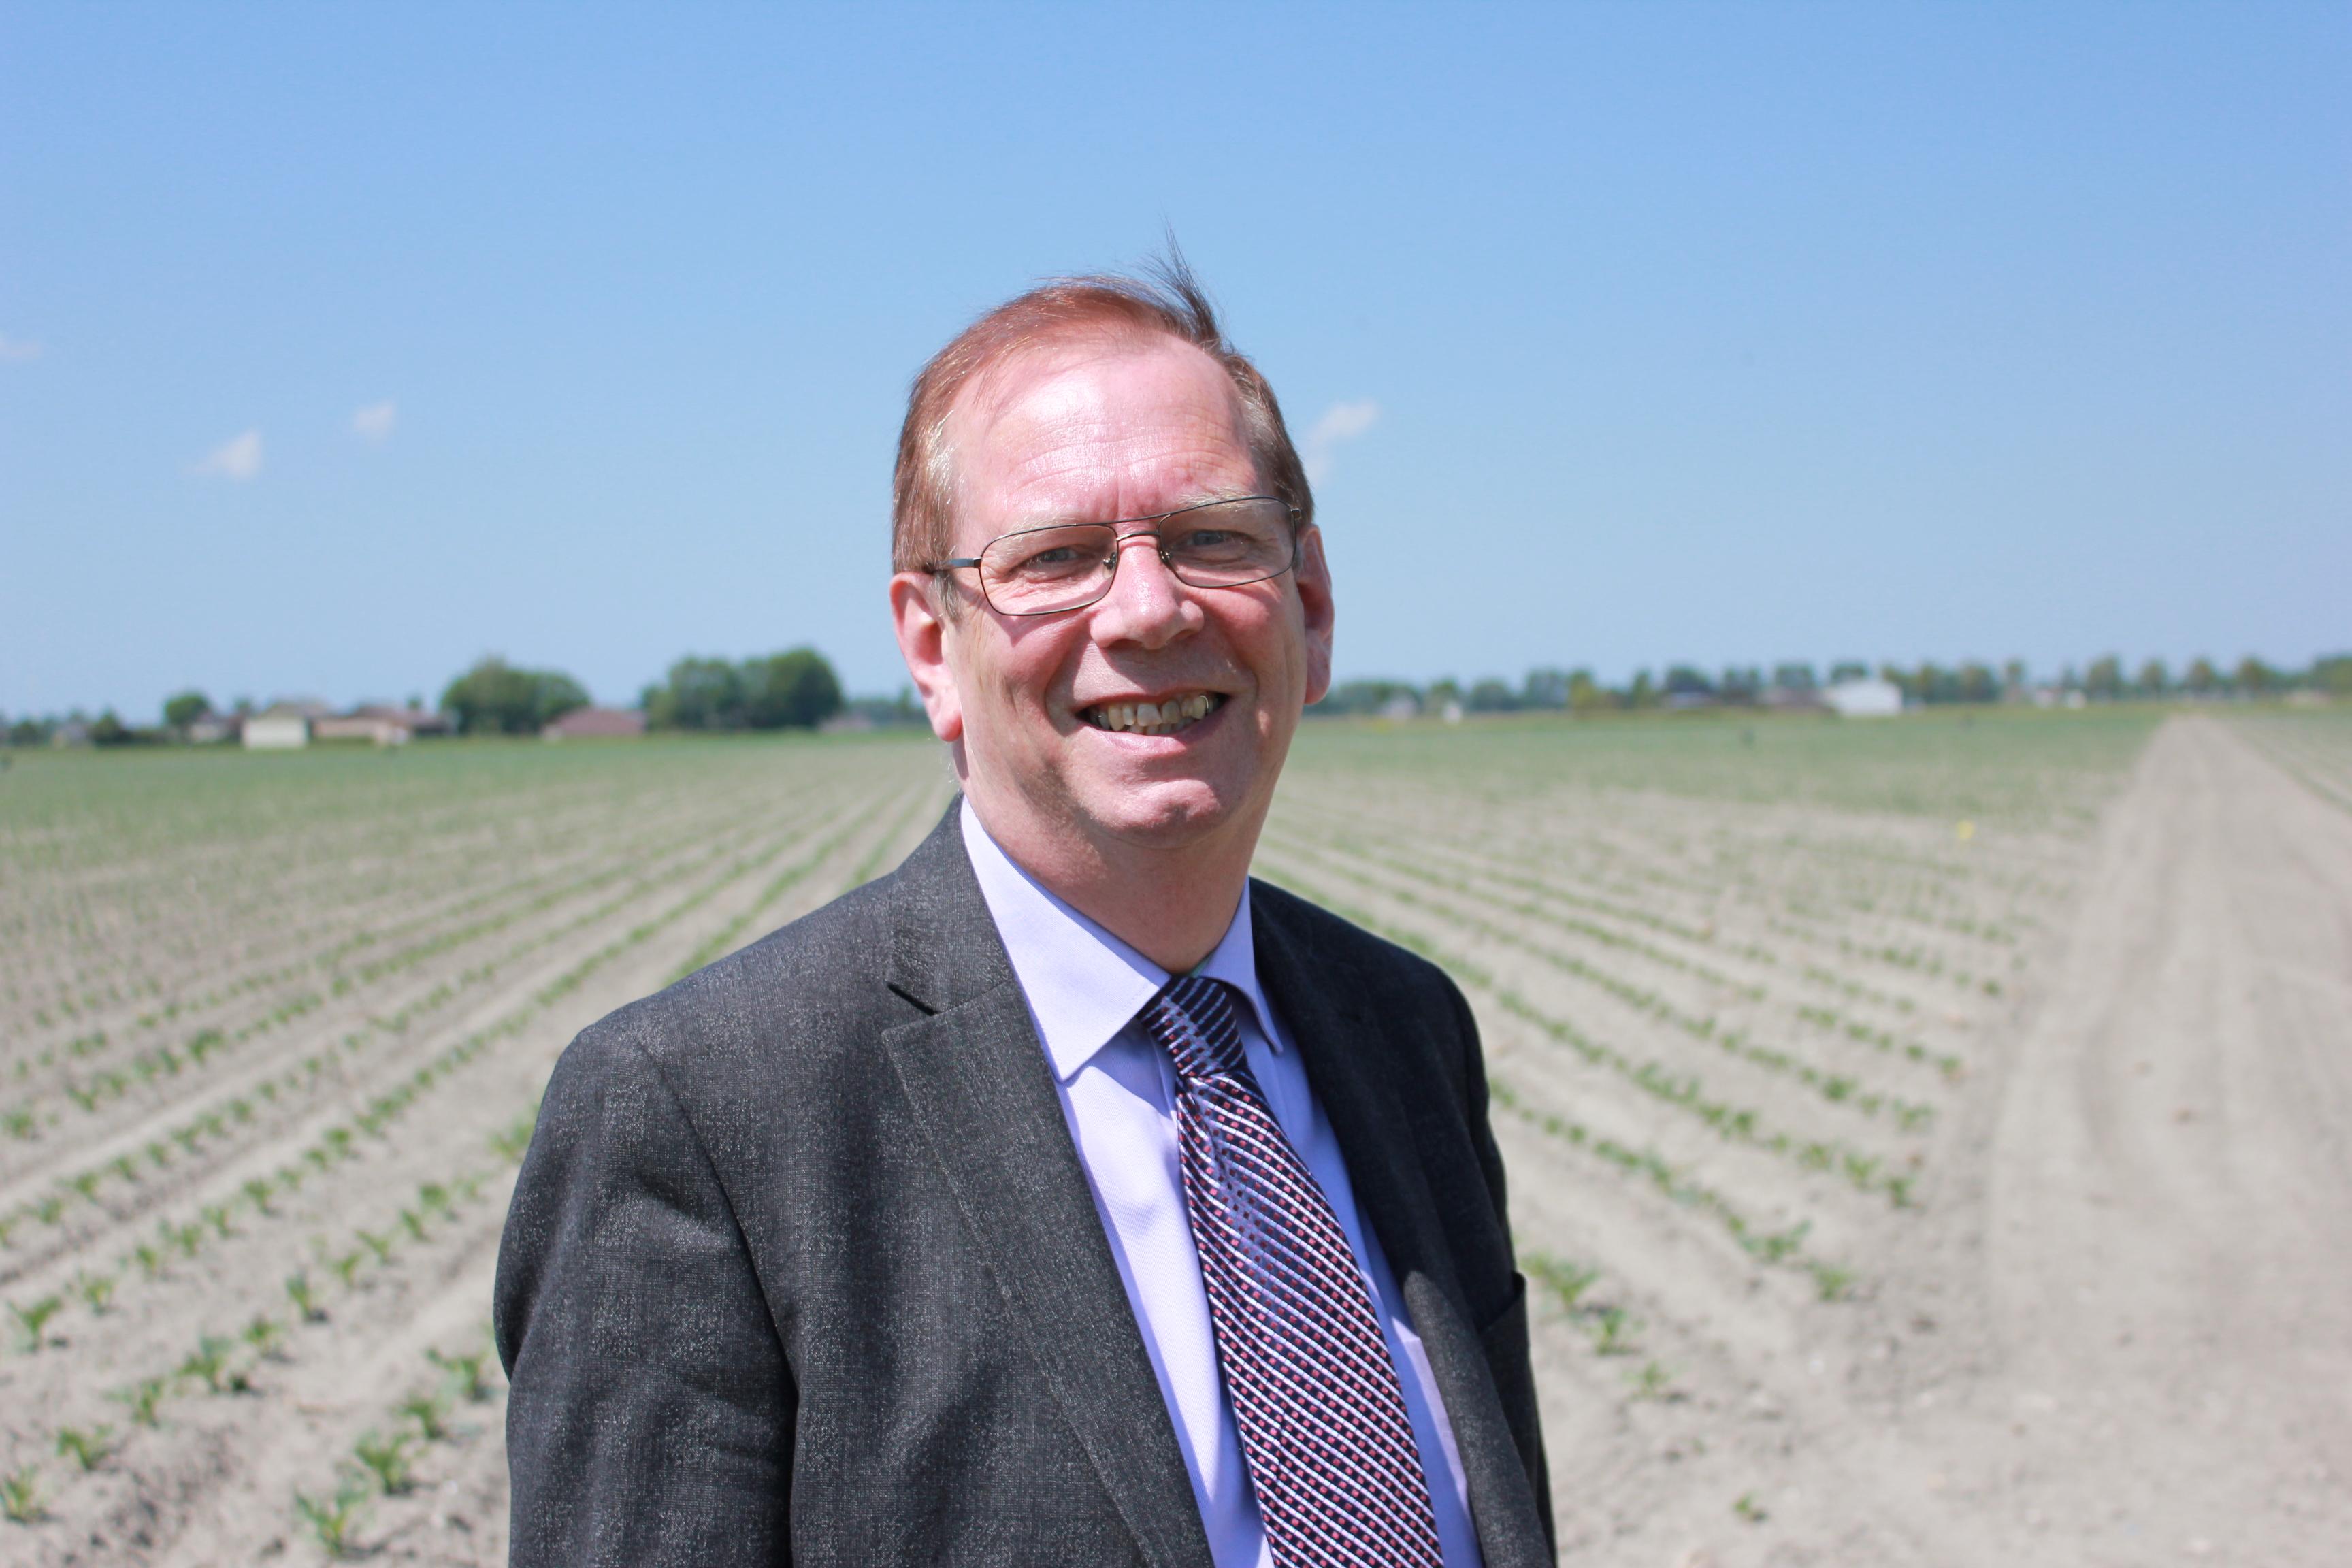 Jan Piet Beers ziet Langedijk als een prachtige gemeente met een betrokken gemeenschap. (Foto: aangeleverd)